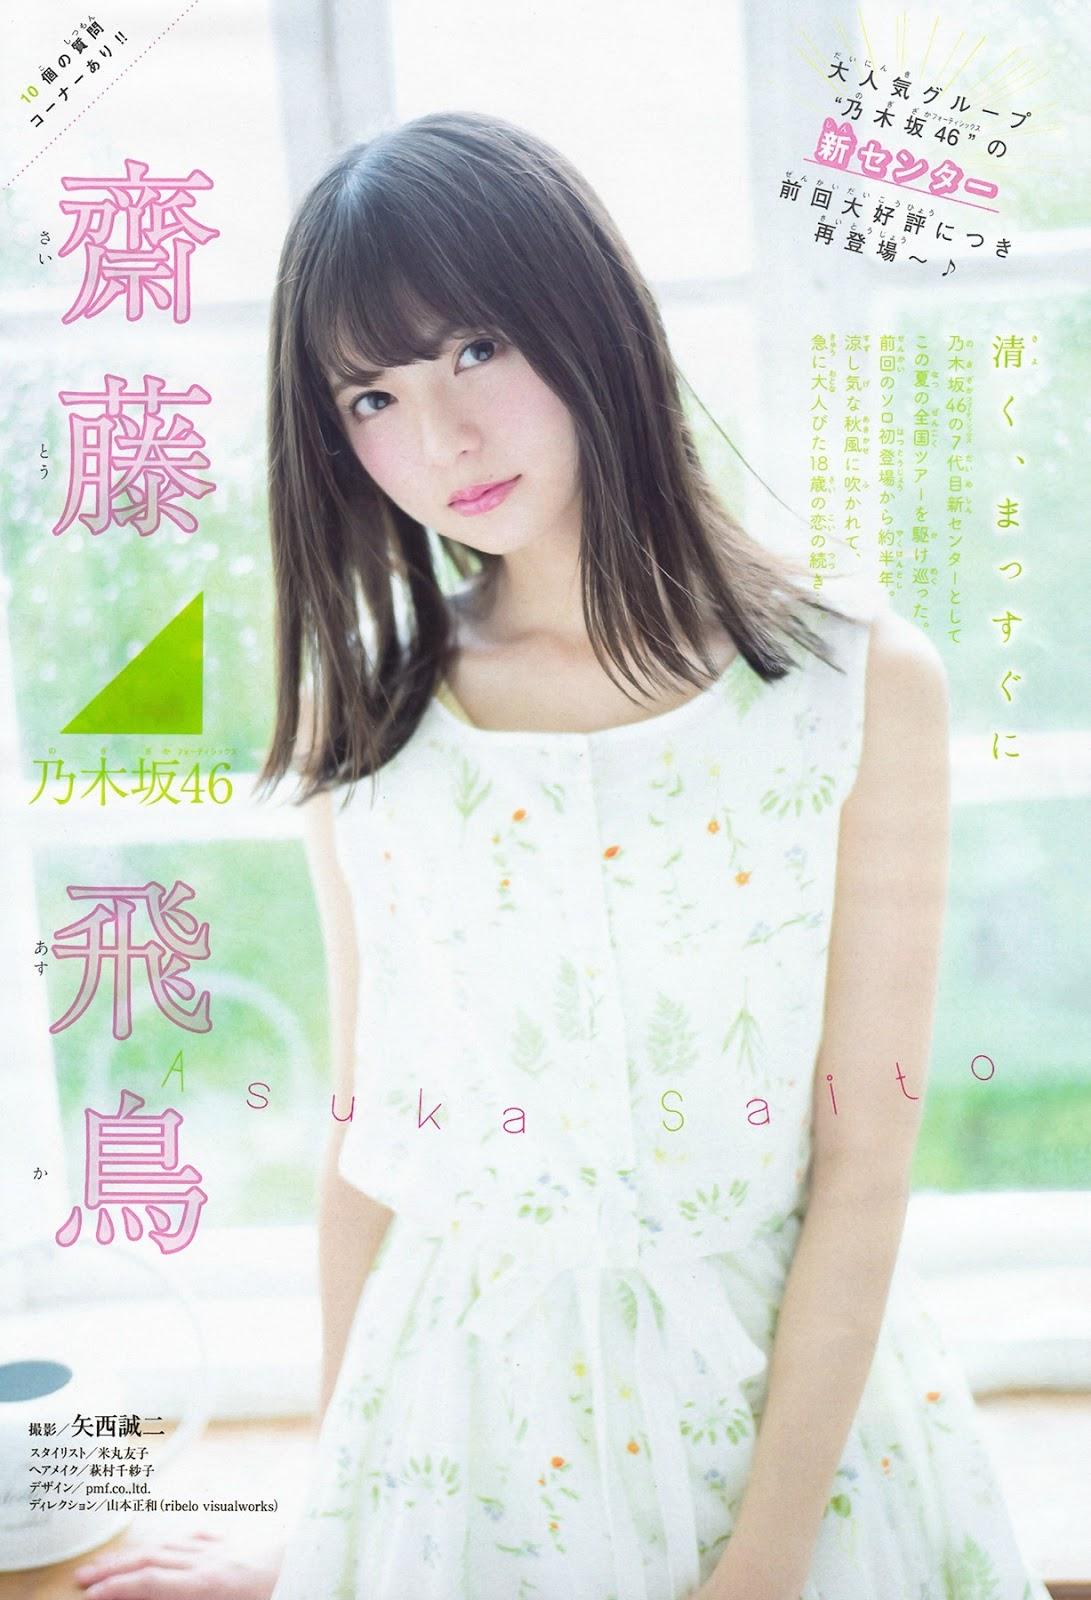 ボード「Asuka Saito」のピン